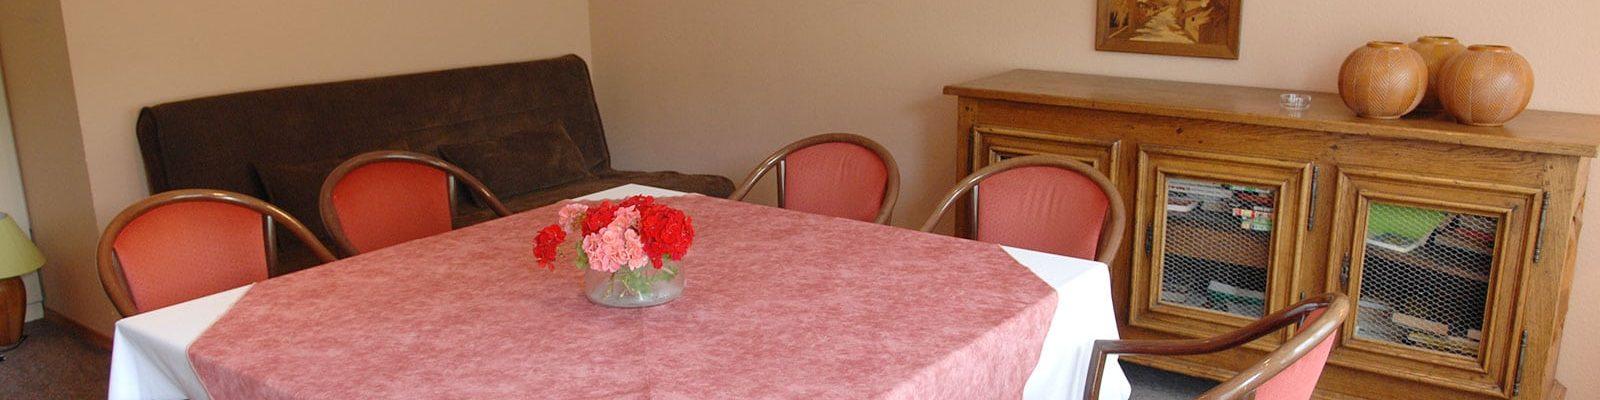 Salon et séjour appartement les Géraniums situé à l'hôtel - 4 rue de la Flieh à Kaysersberg